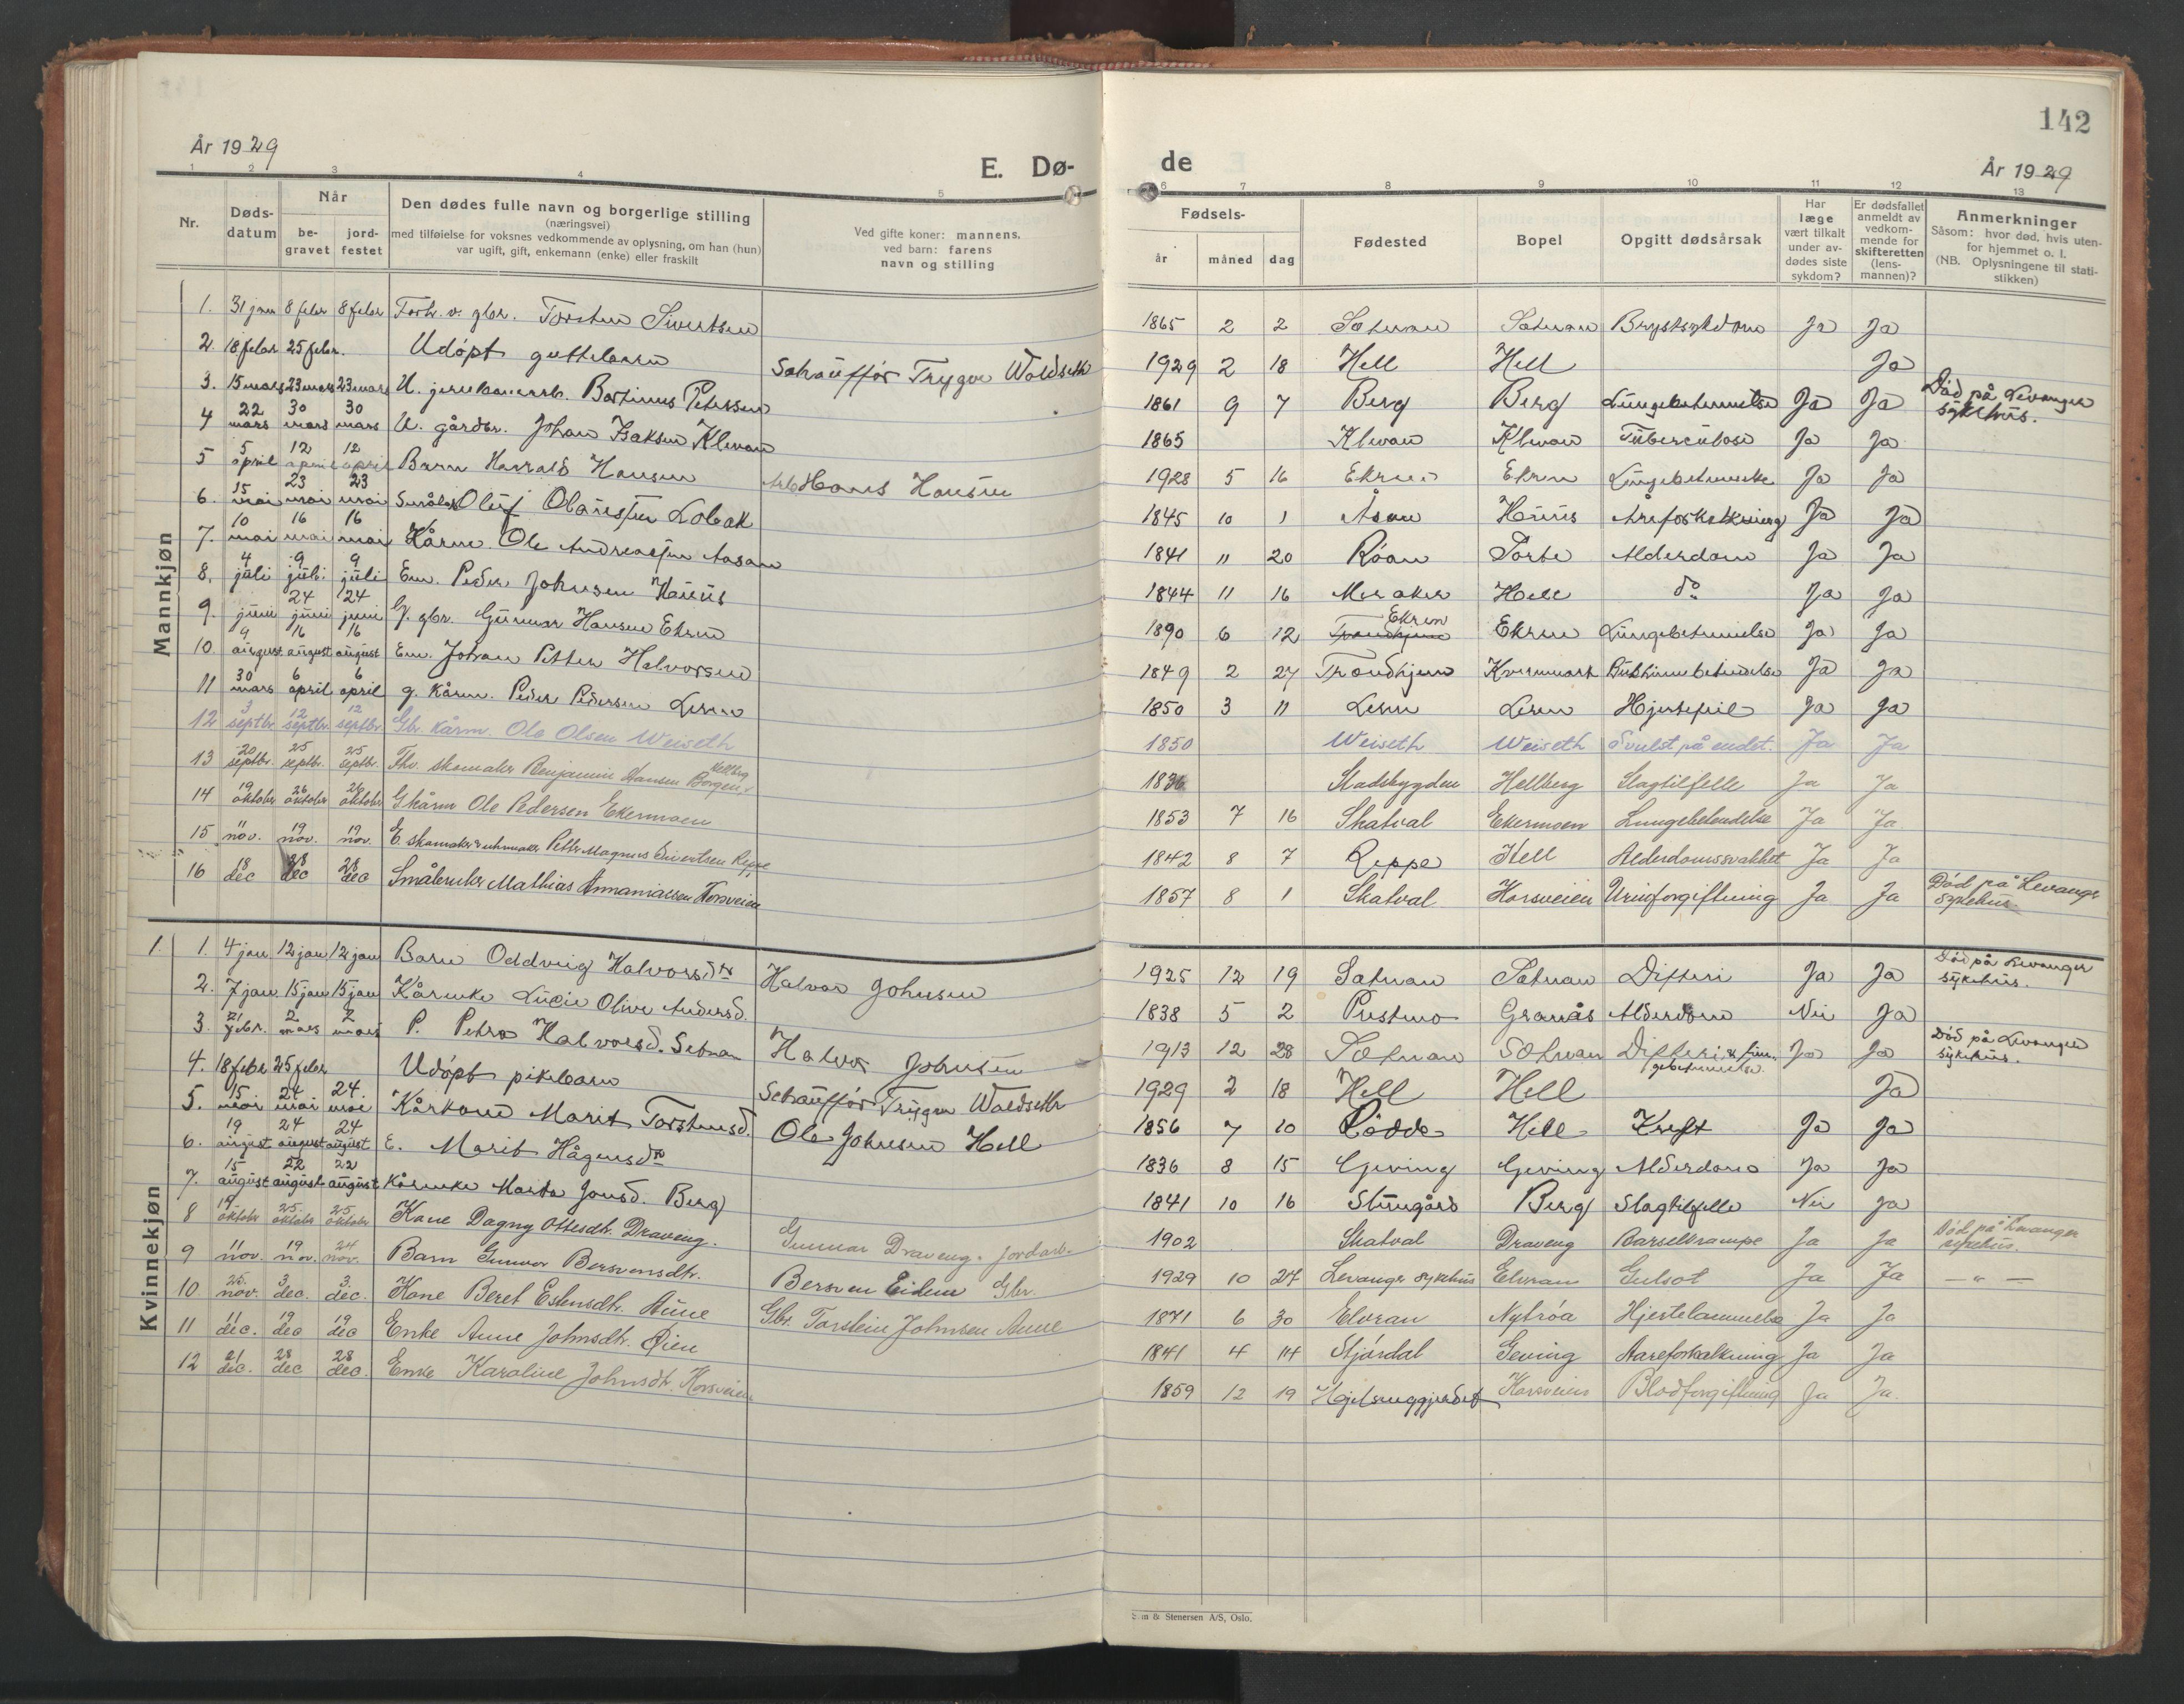 SAT, Ministerialprotokoller, klokkerbøker og fødselsregistre - Nord-Trøndelag, 710/L0097: Klokkerbok nr. 710C02, 1925-1955, s. 142